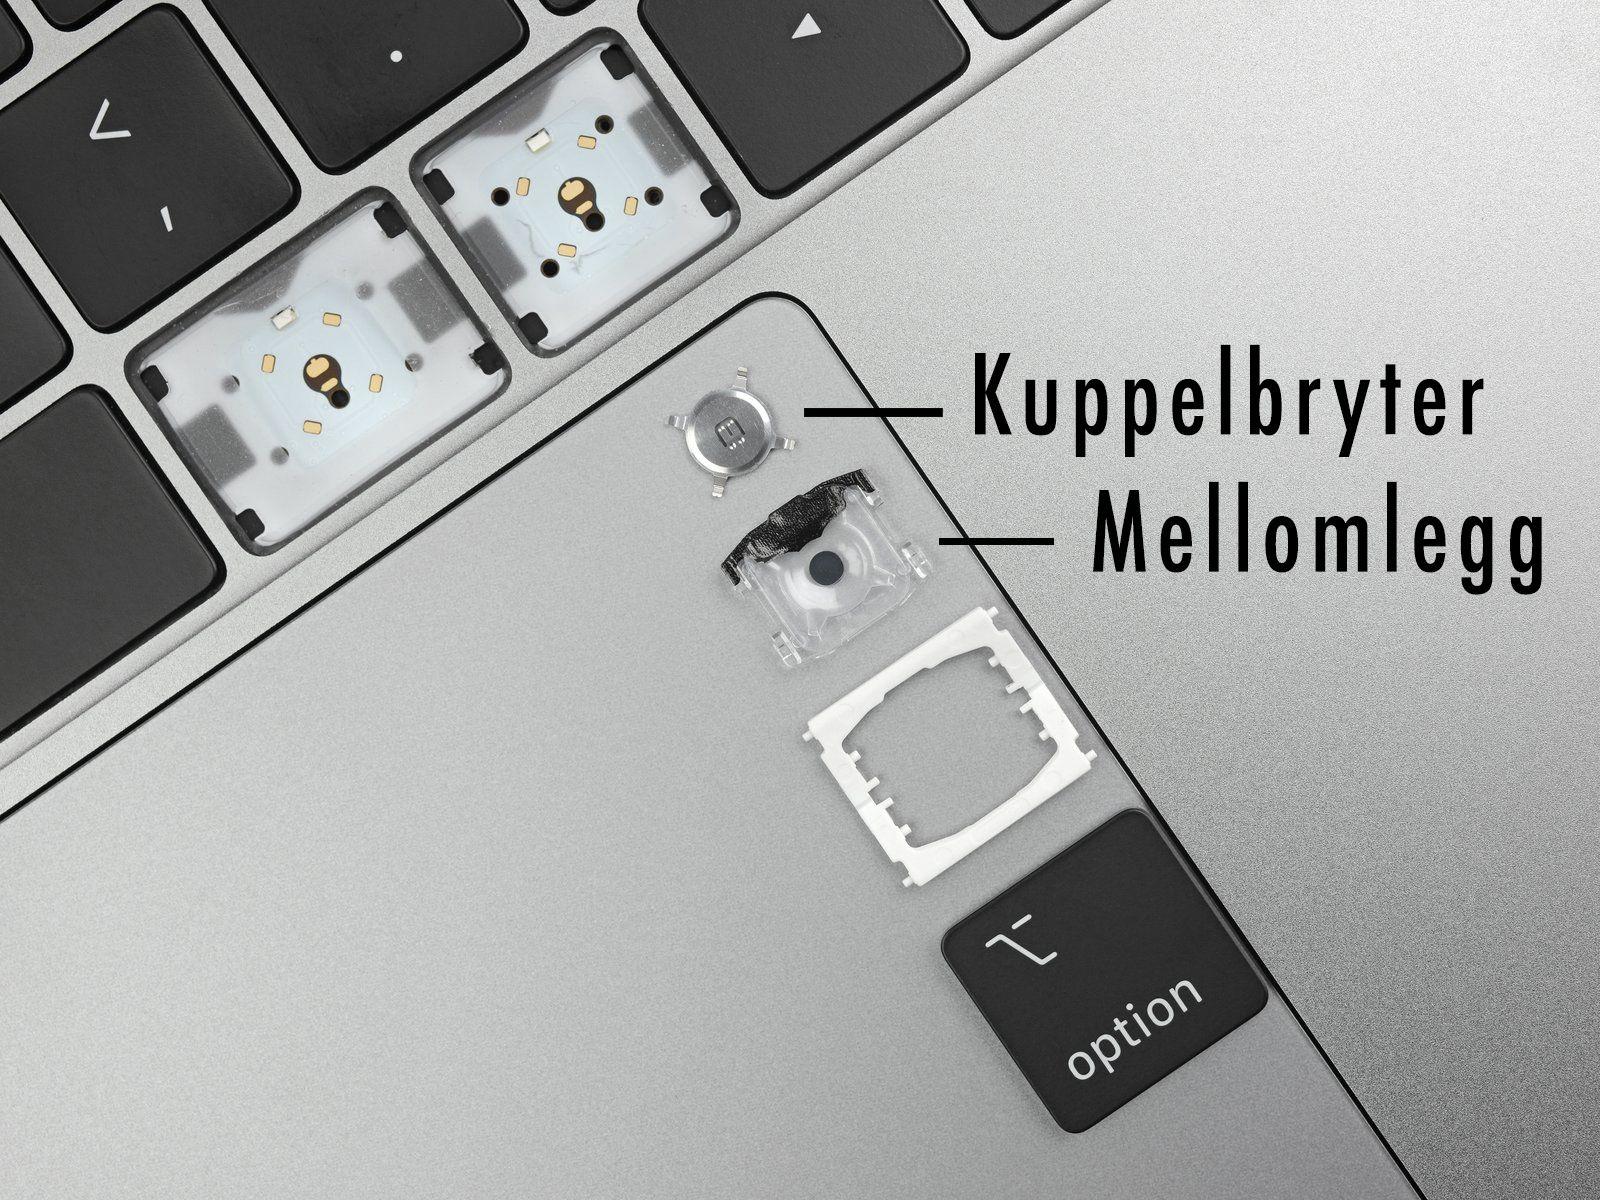 Apple lovte nytt tastatur, men ekspertene mener endringene